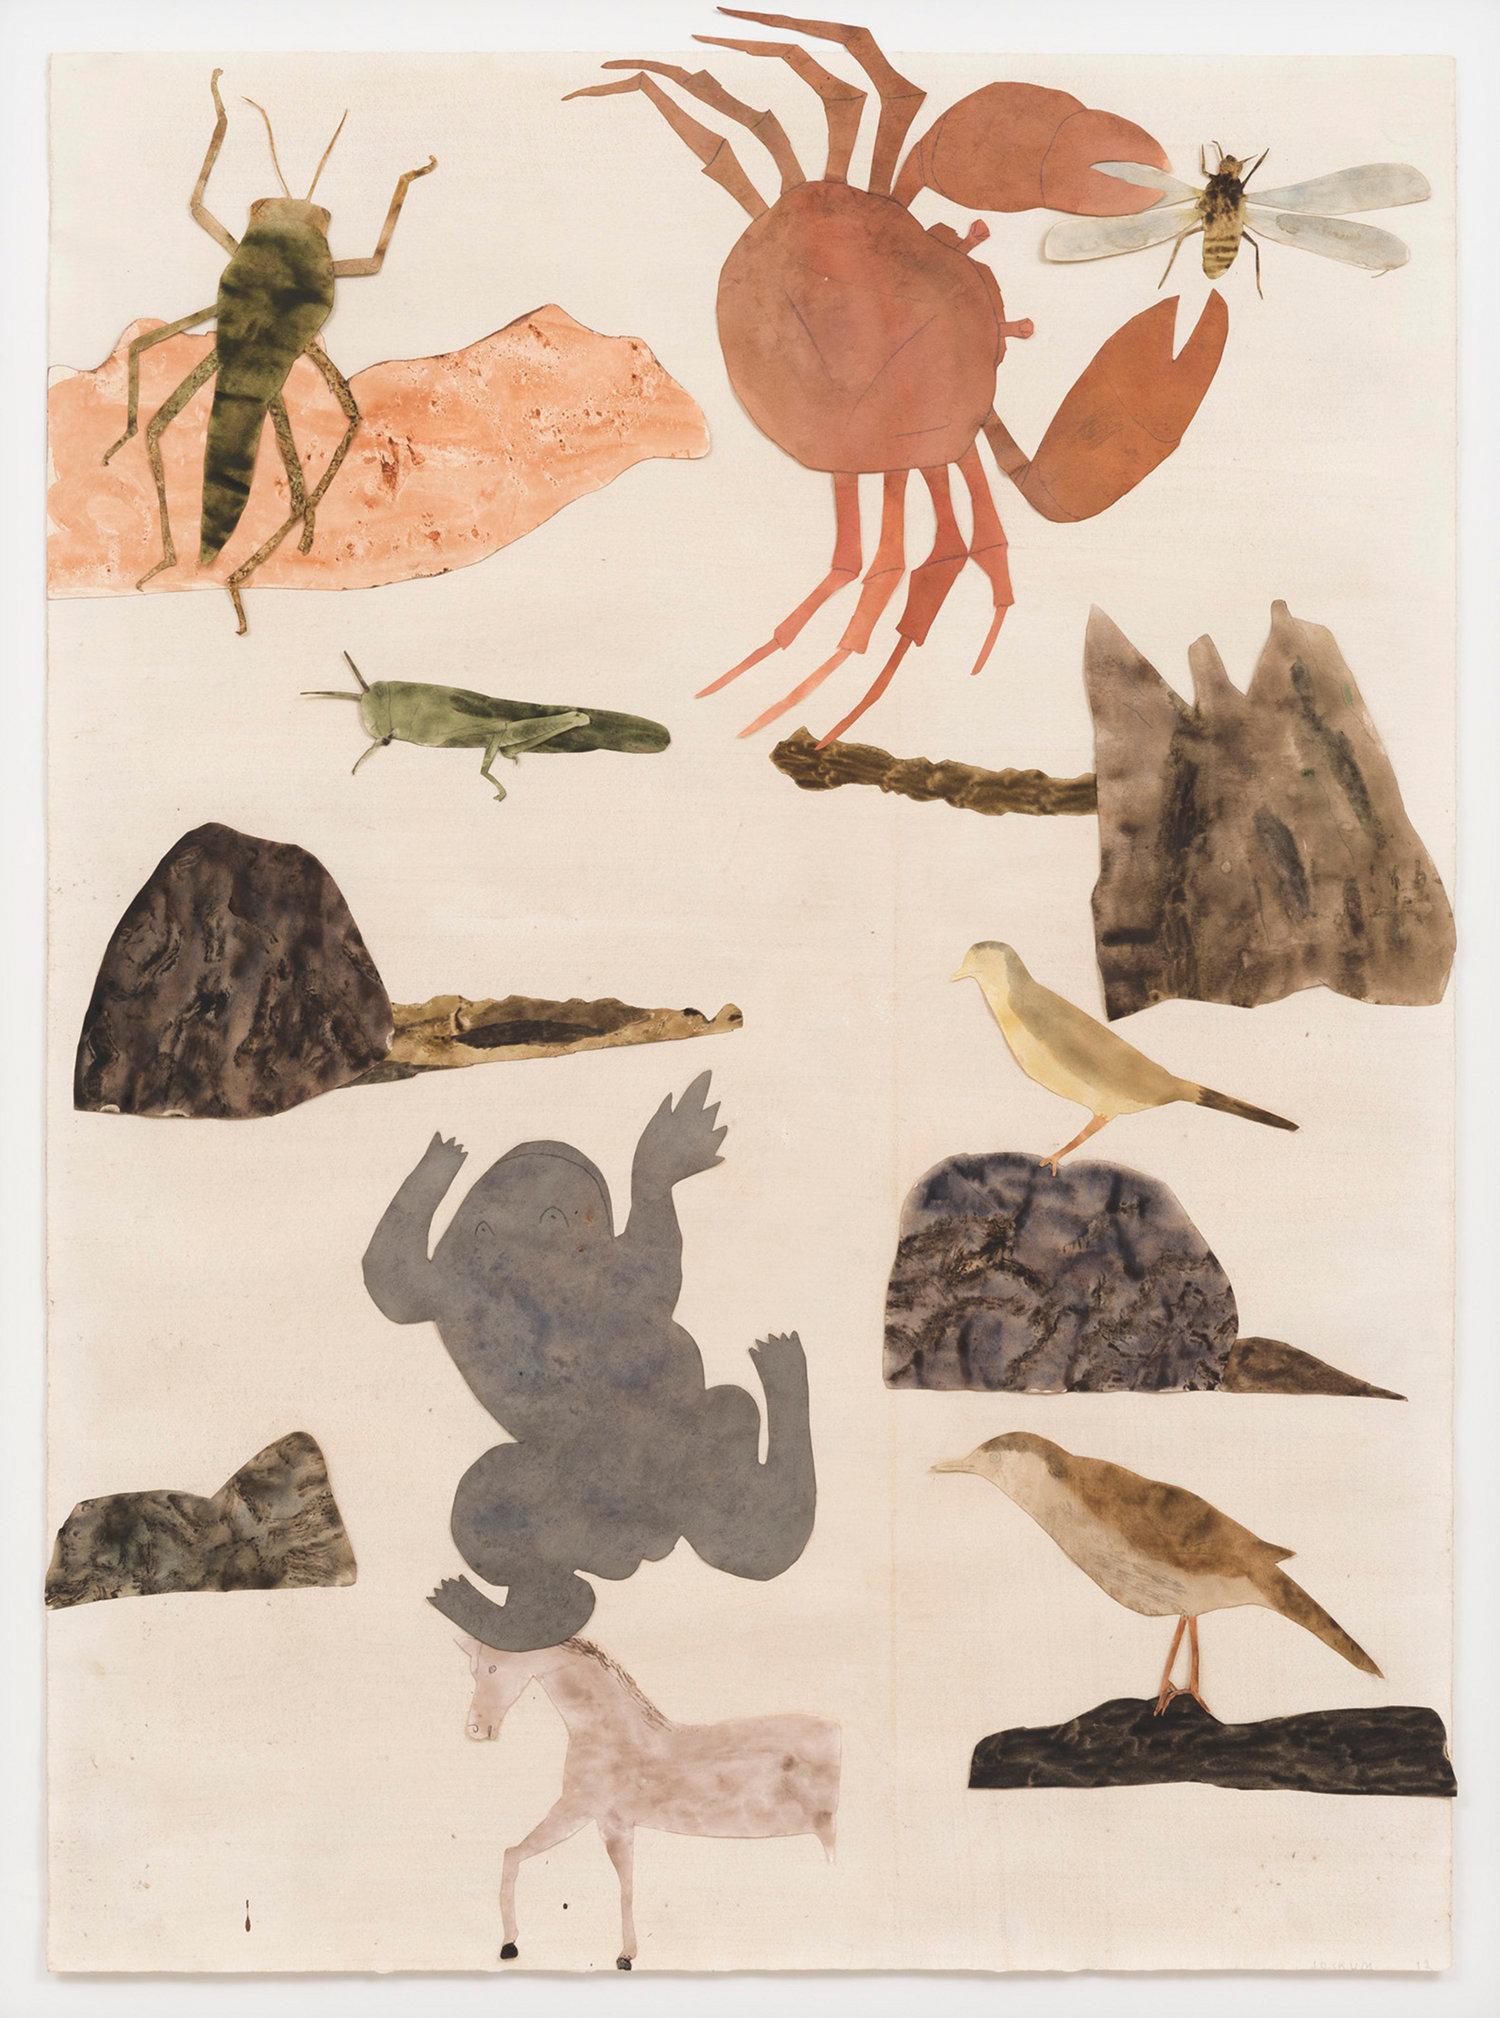 Djuren är vårt hopp@(Les Animaux sont notre espoir), collage, aquarelle et graphite sur papier